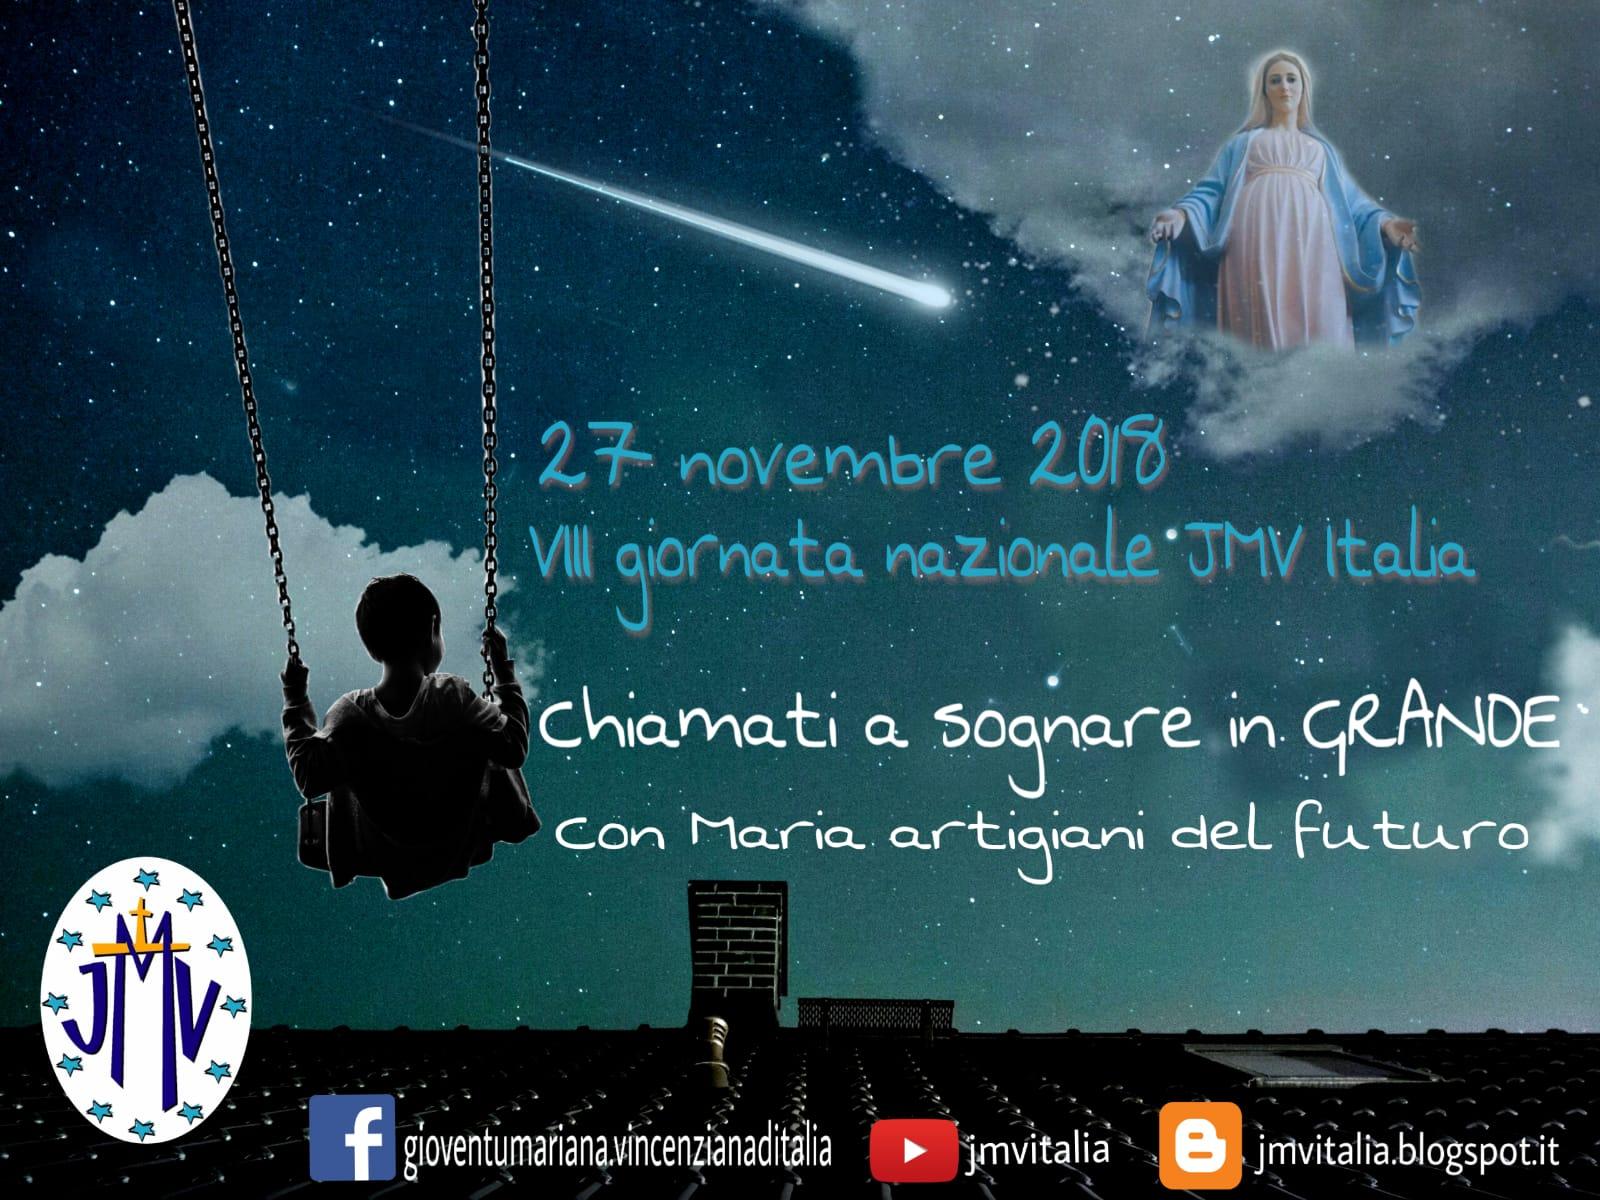 8^ Giornata nazionale della Gioventù Mariana Vincenziana d'Italia